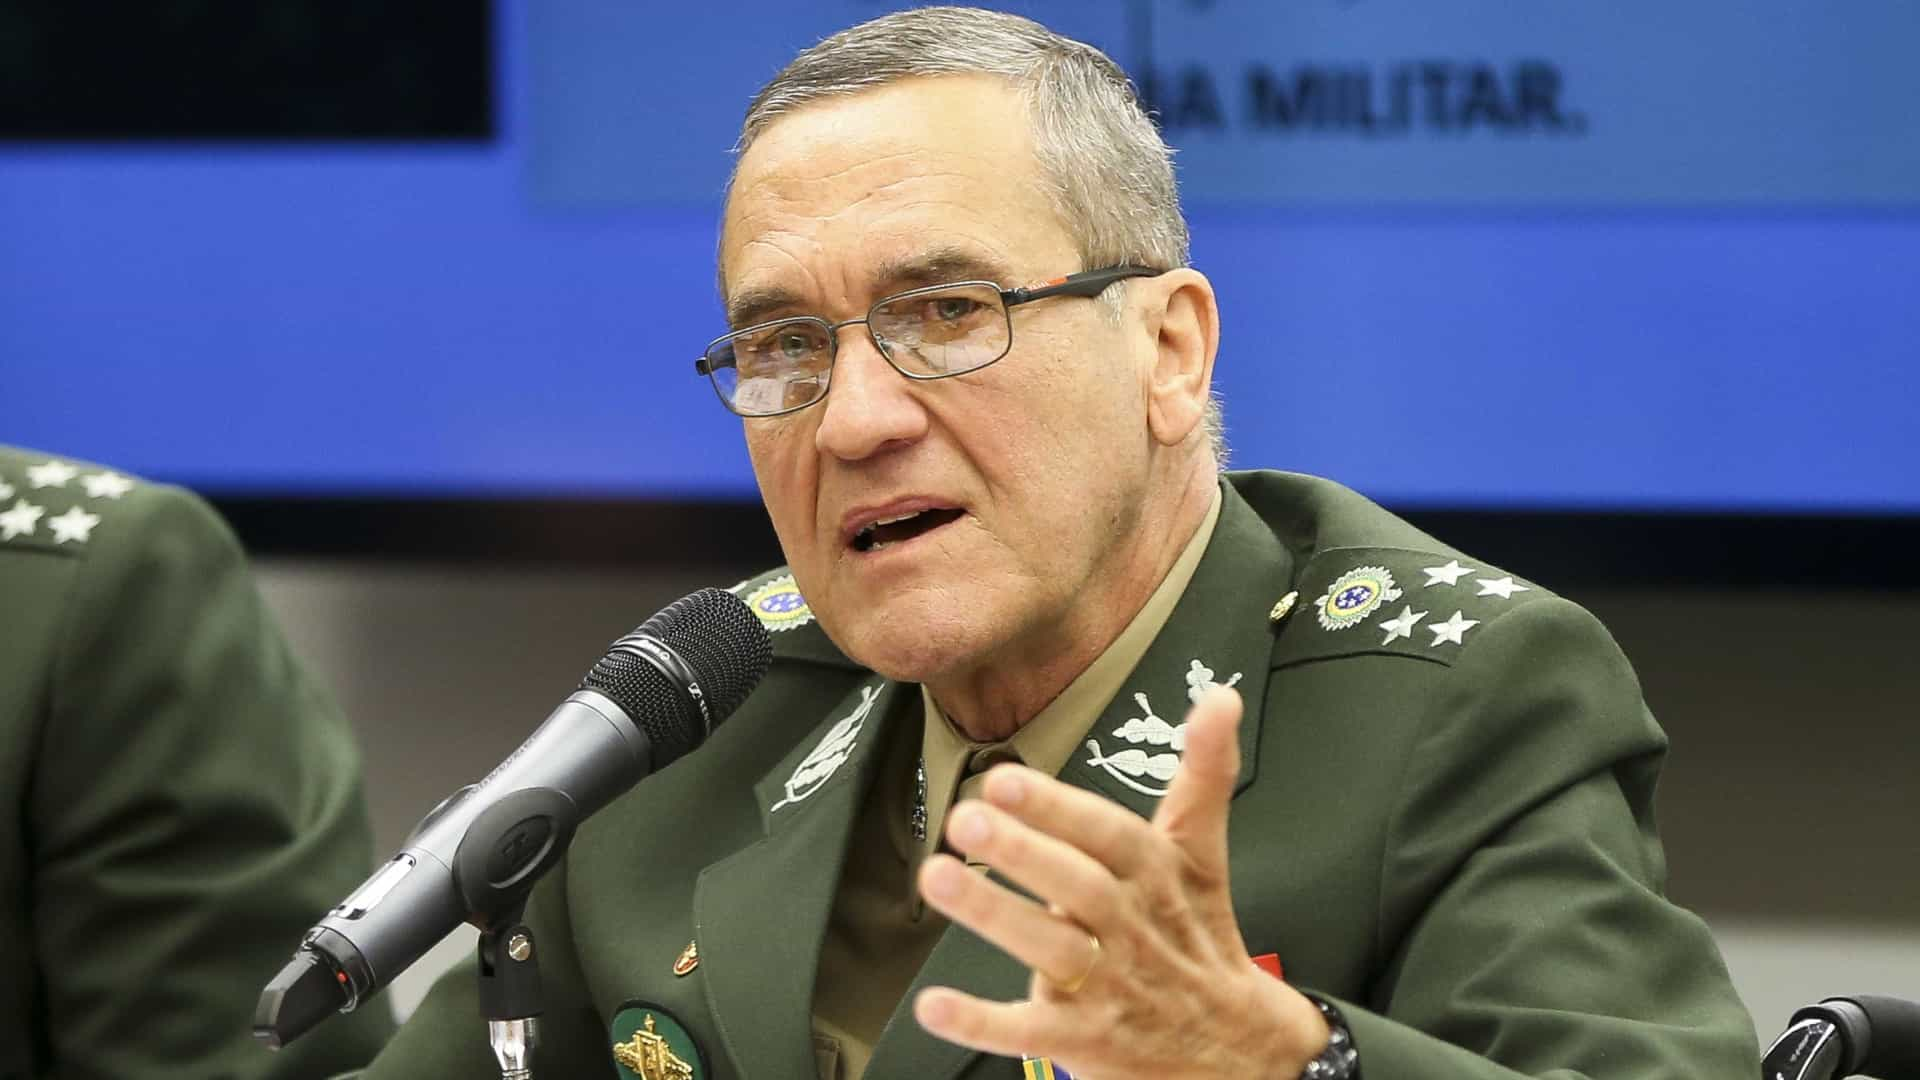 Líder do Exército fala sobre suposta volta dos militares ao poder